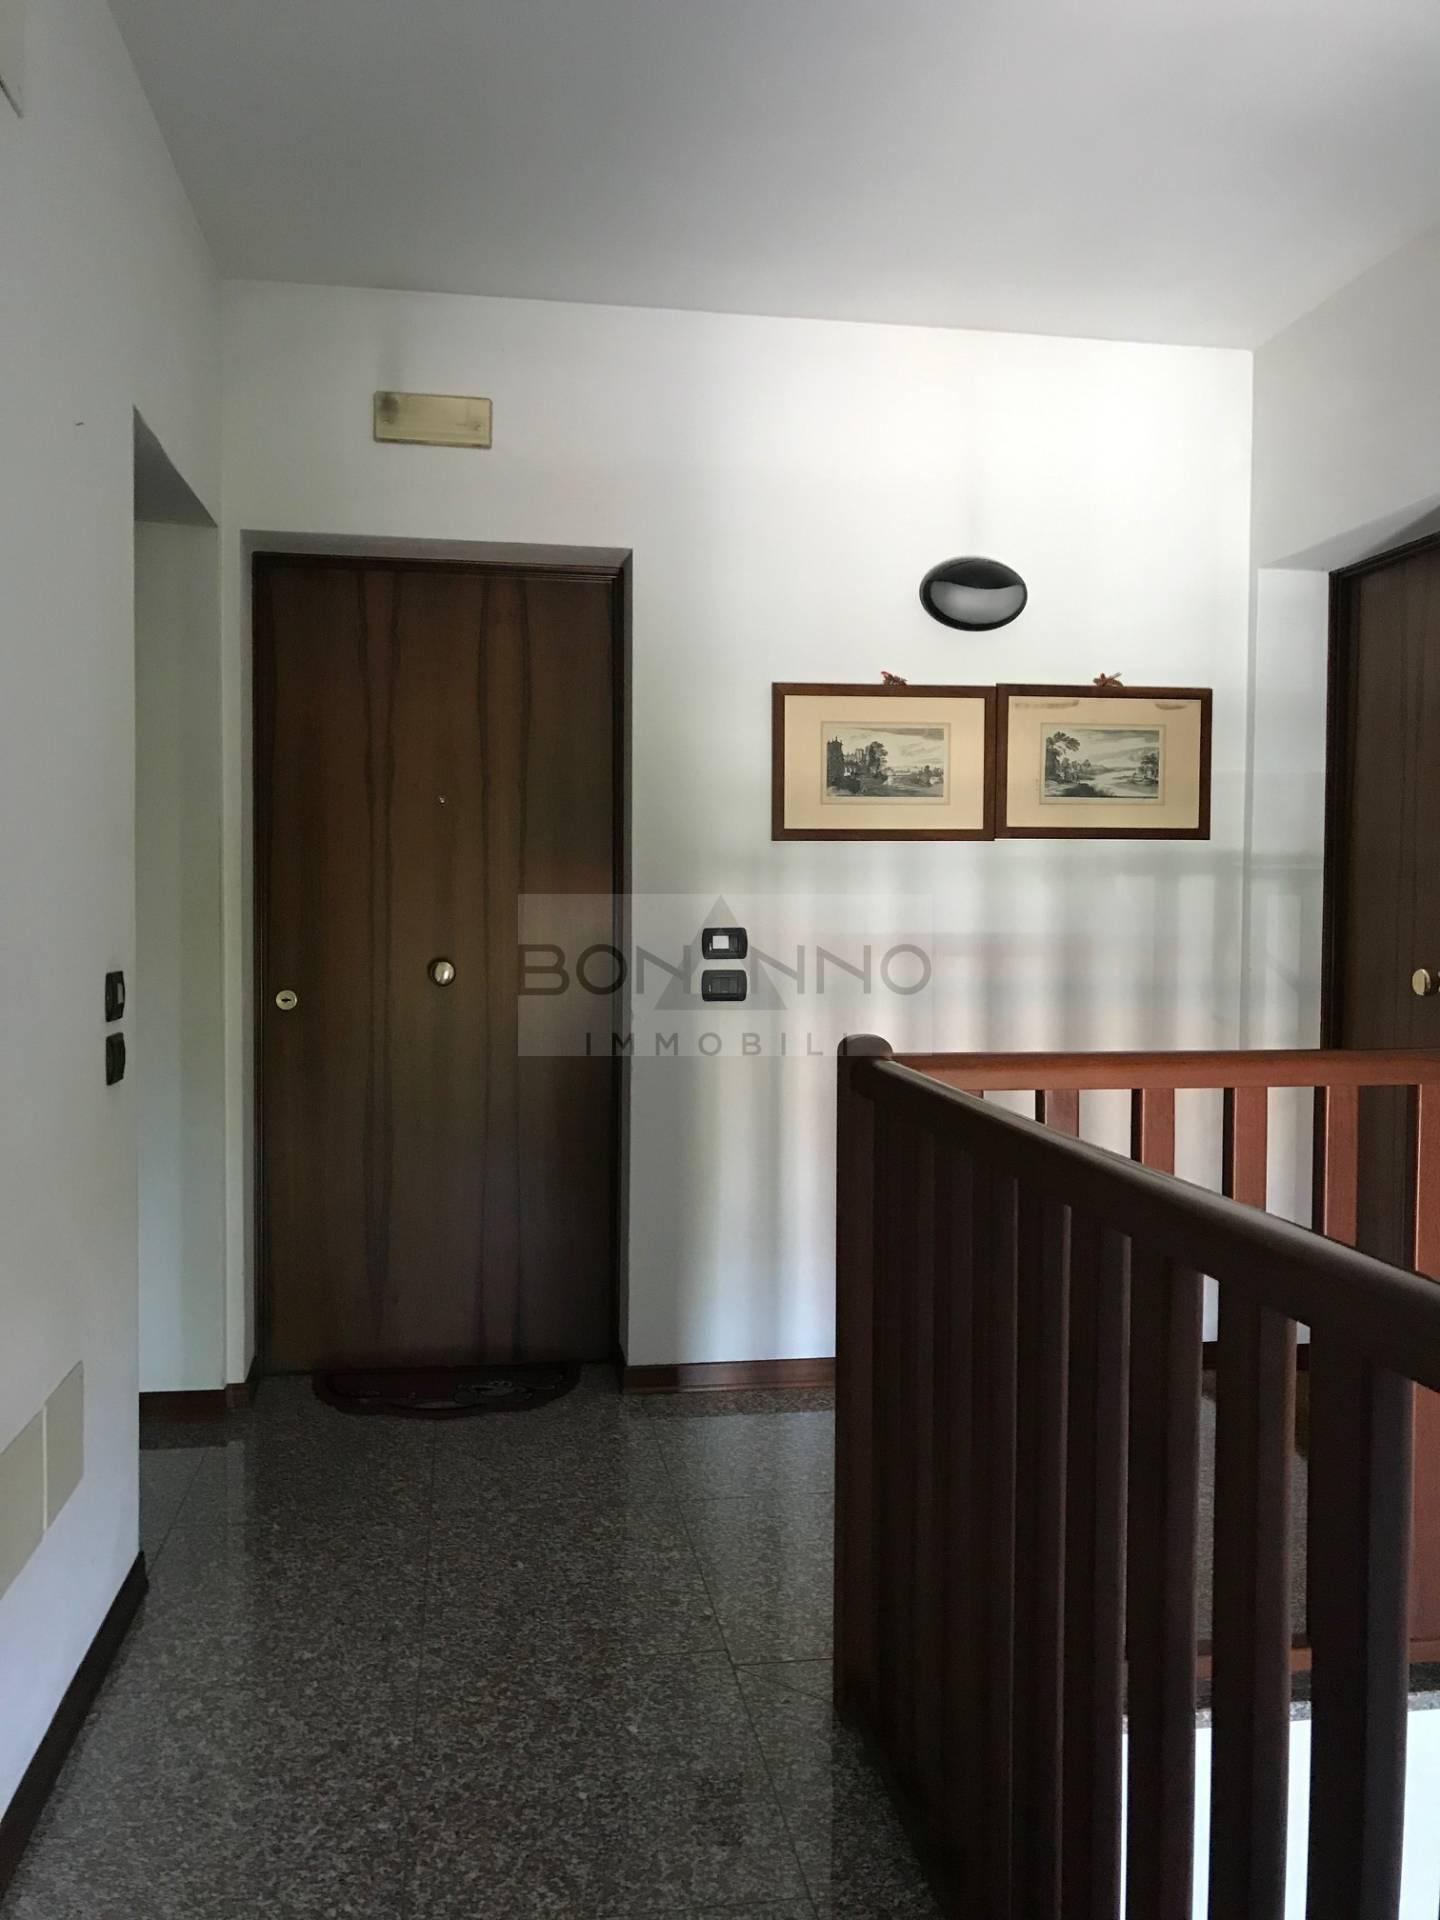 Appartamento in affitto a Piombino Dese, 2 locali, prezzo € 500 | CambioCasa.it